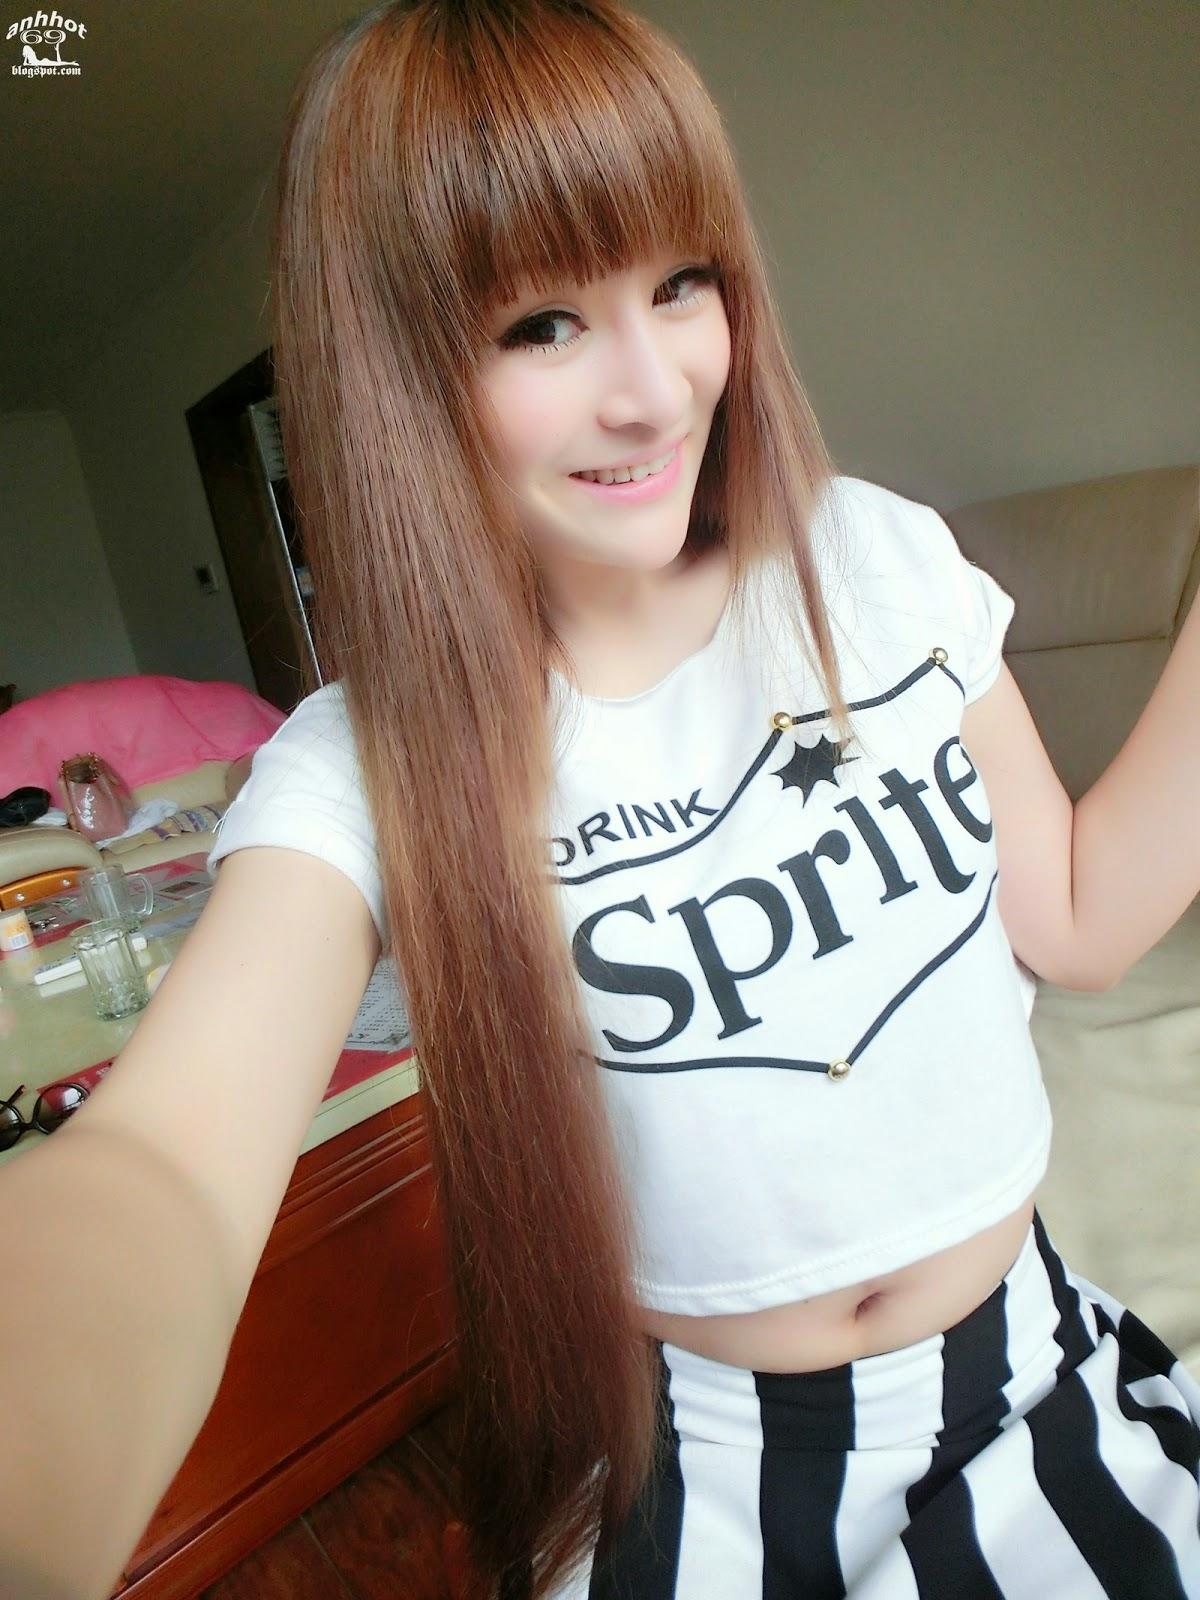 Suxia_h5_11749168798067155ao